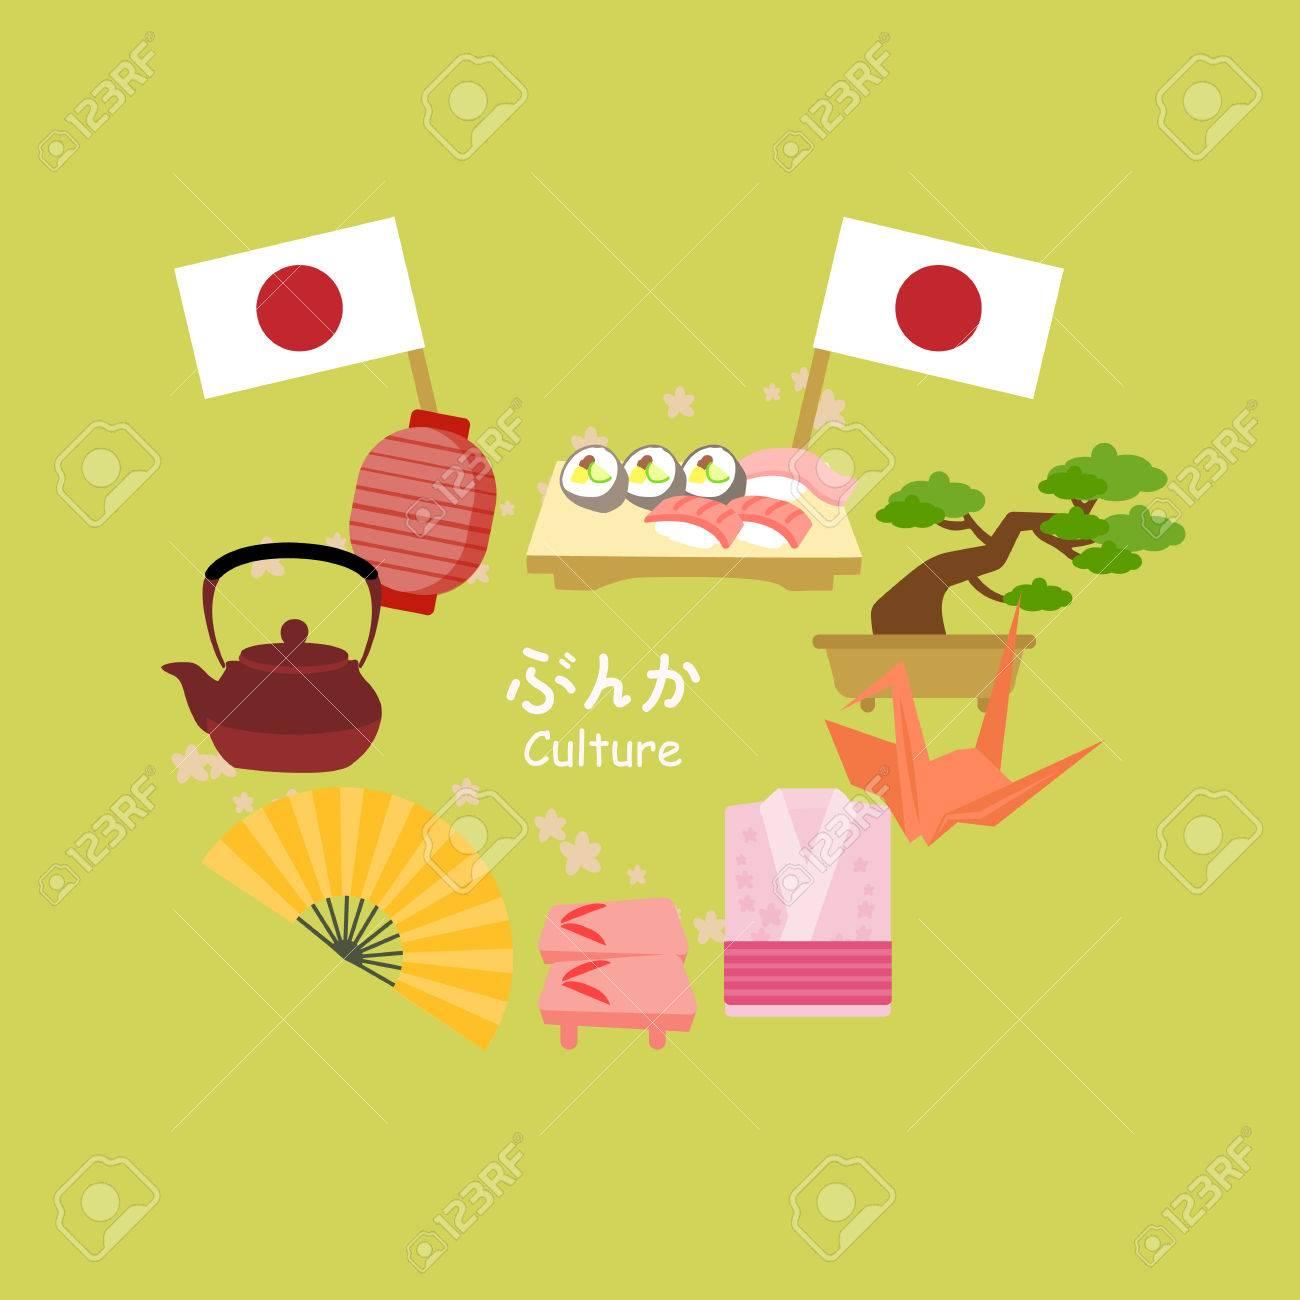 かわいい漫画日本の文化日本文化日本語の単語の中間で ロイヤリティ